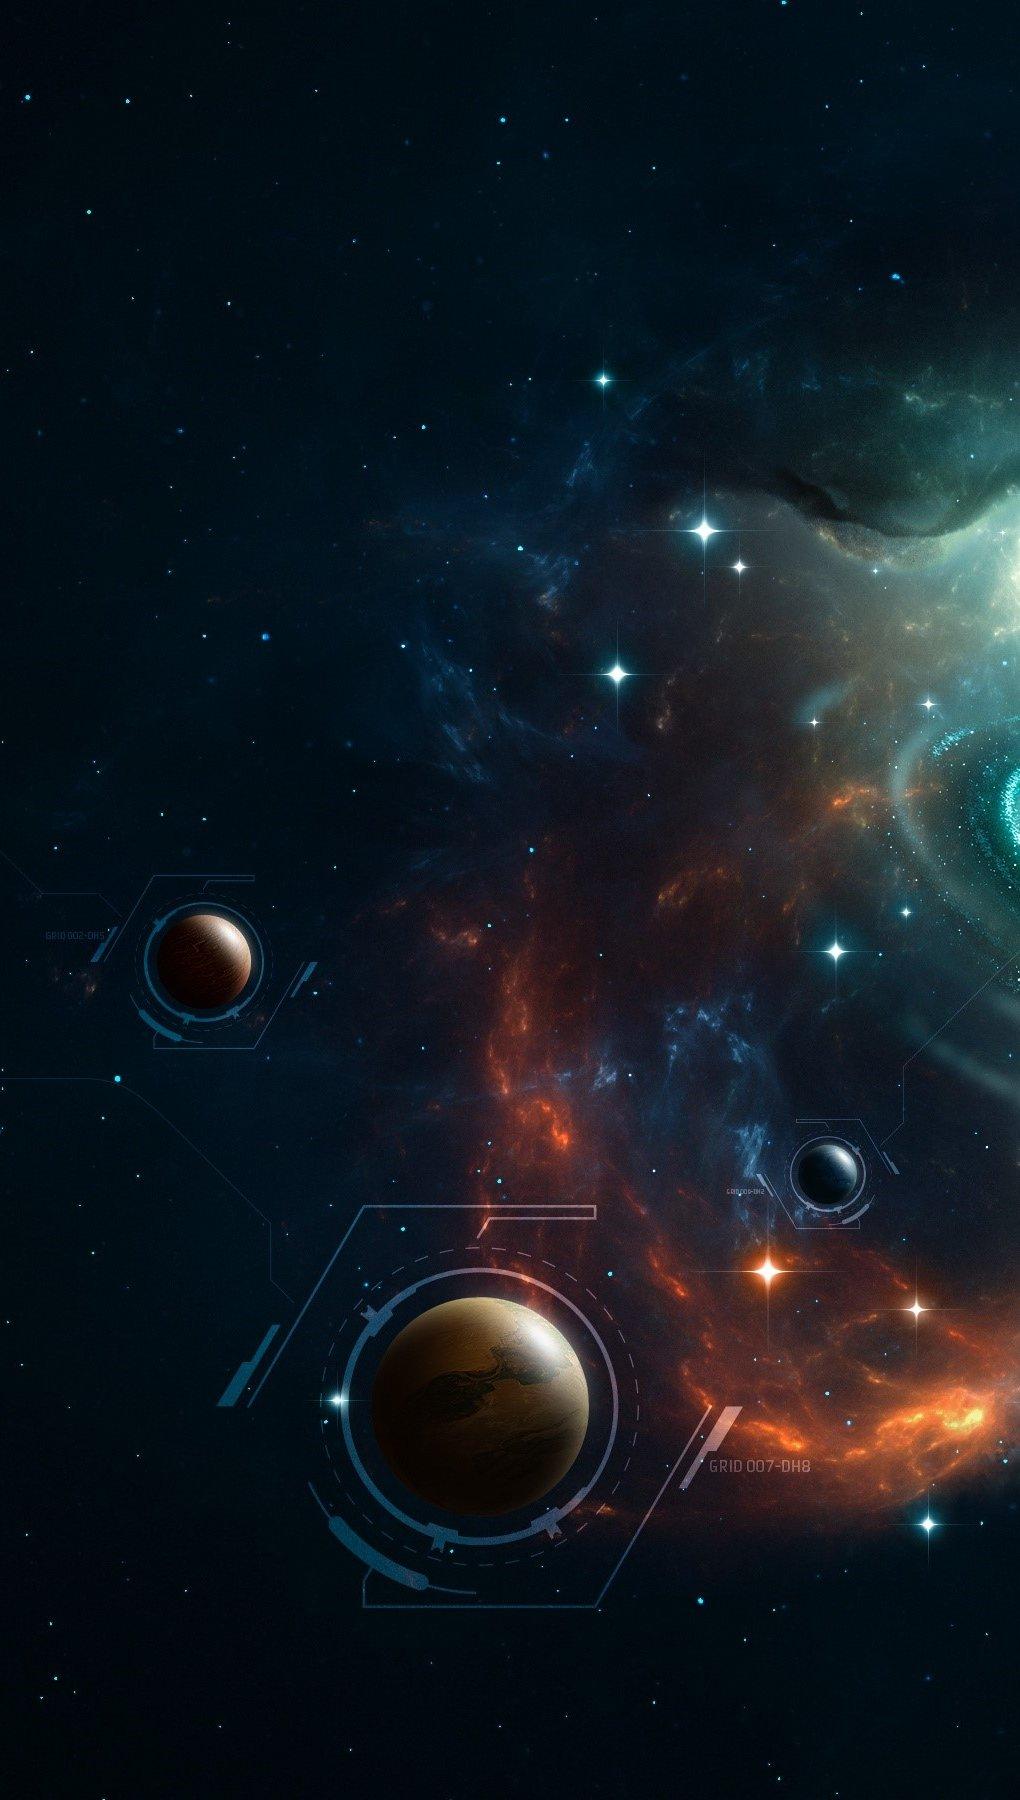 Fondos de pantalla Maravilloso universo Vertical